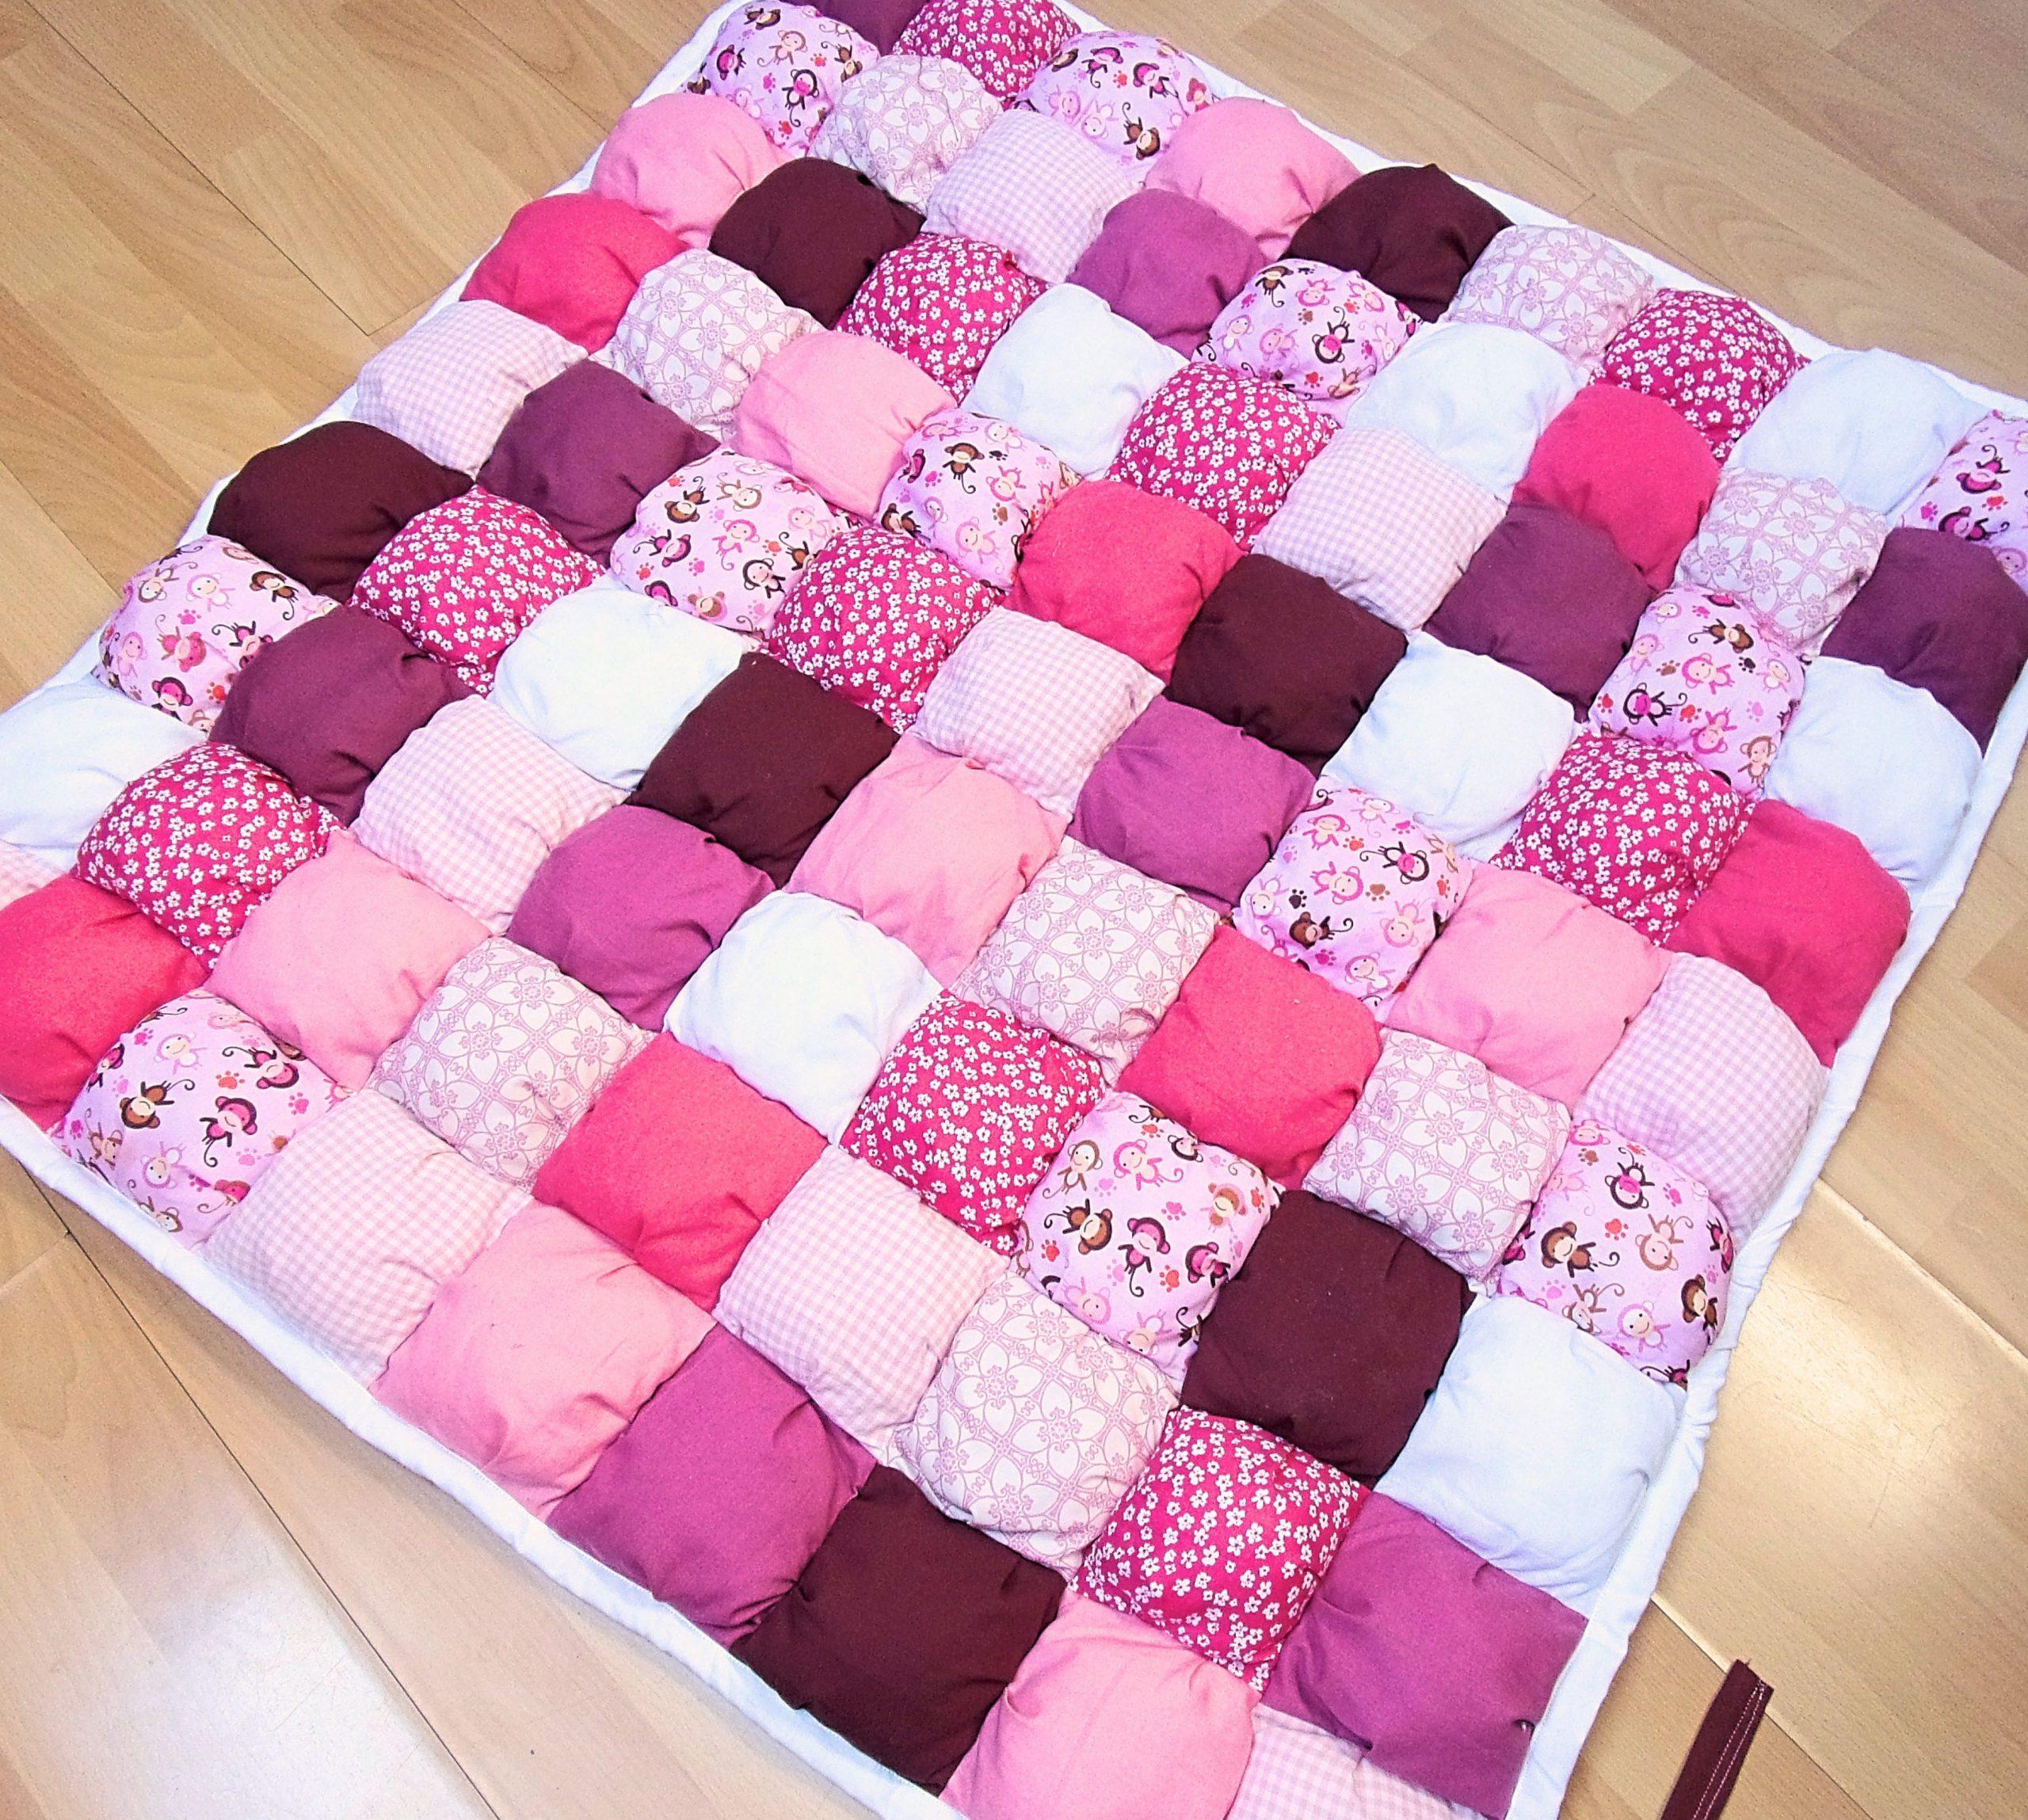 Deco Chambre Fille, Puff Quilt Rose, Tapis Bébé, Tapis De dedans Jeux Bebe Fille